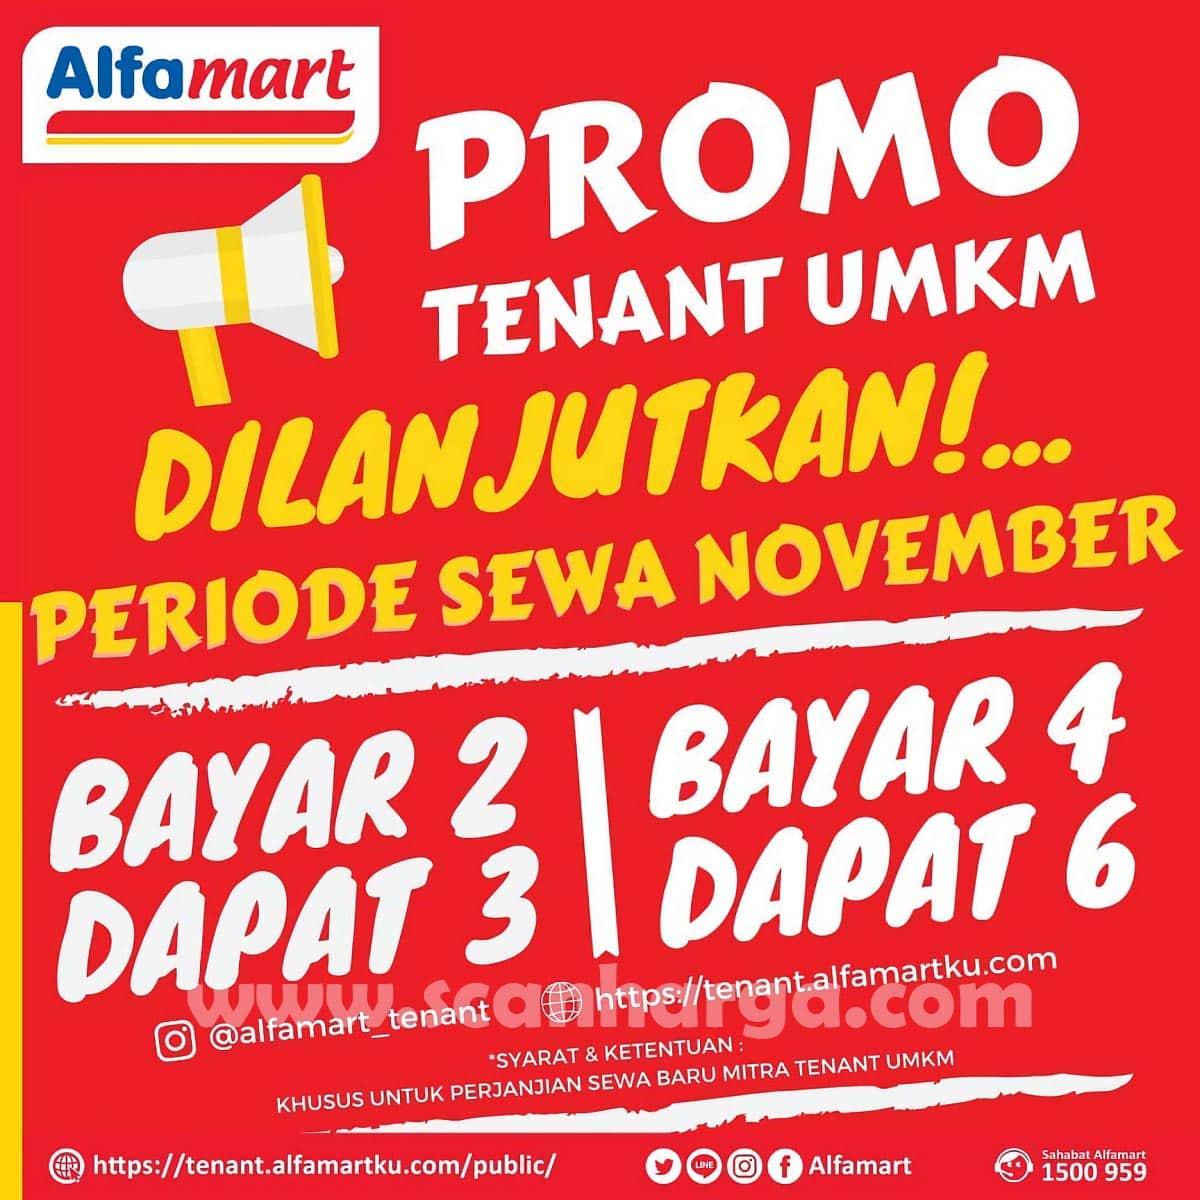 ALFAMART Promo TENANT UMKM - Bayar 2 Dapat 3   Bayar 4 Dapat 6